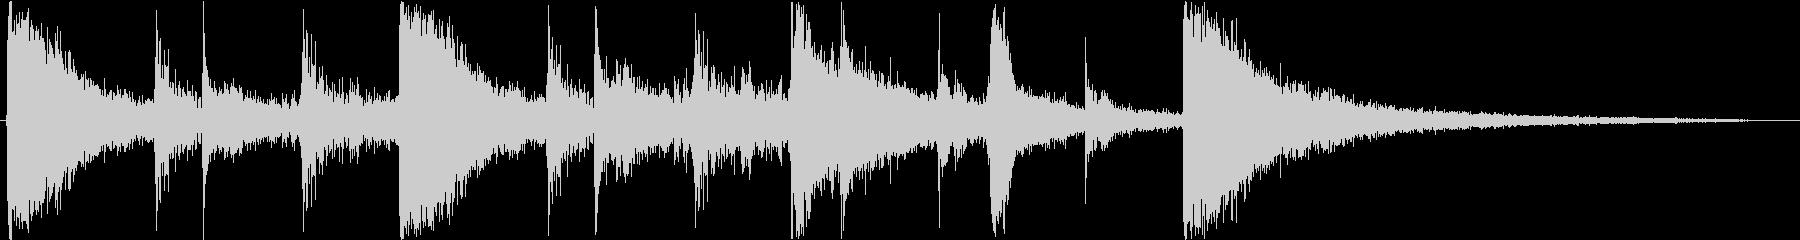 Sound logo, percussion rhythm only's unreproduced waveform